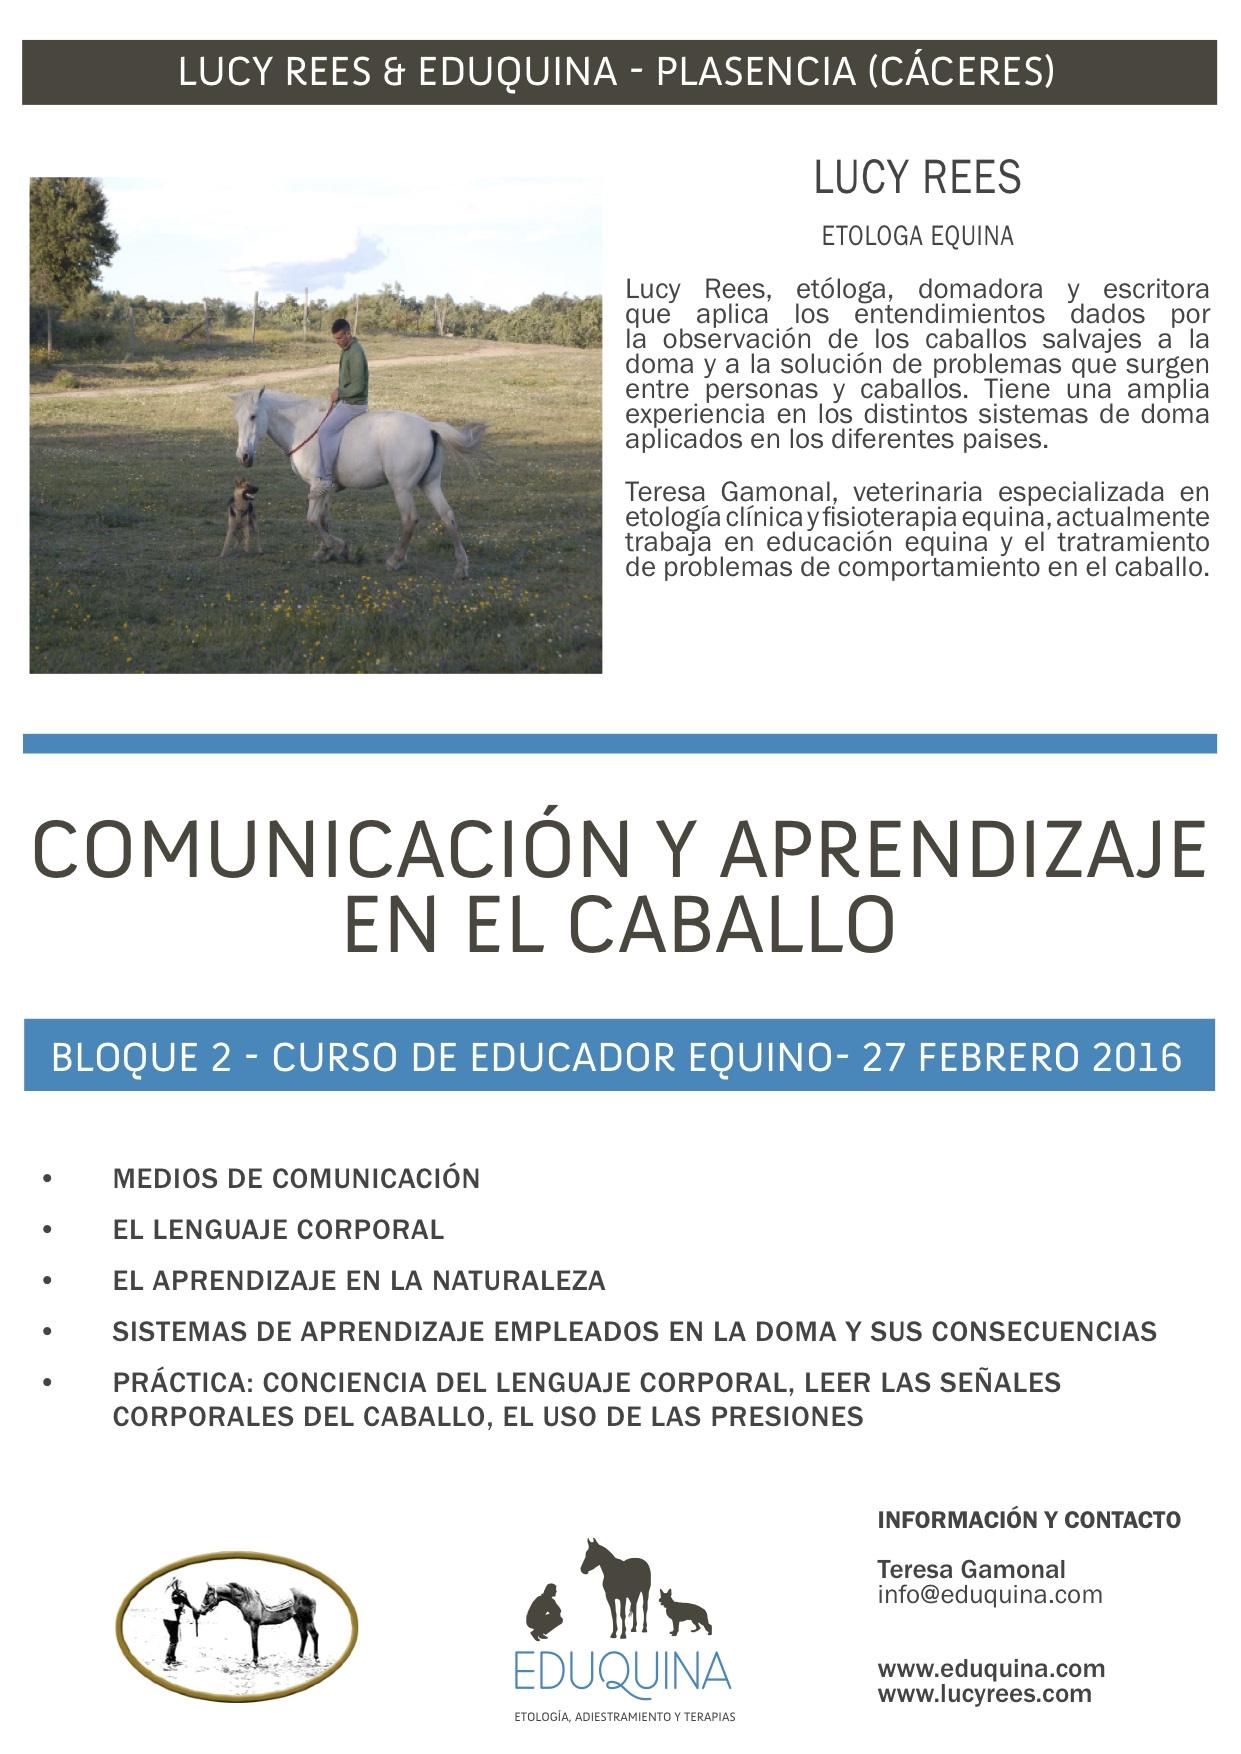 CURSO COMUNICACIÓN Y APRENDIZAJE EN EL CABALLO. Lucy Rees y Teresa Gamonal.